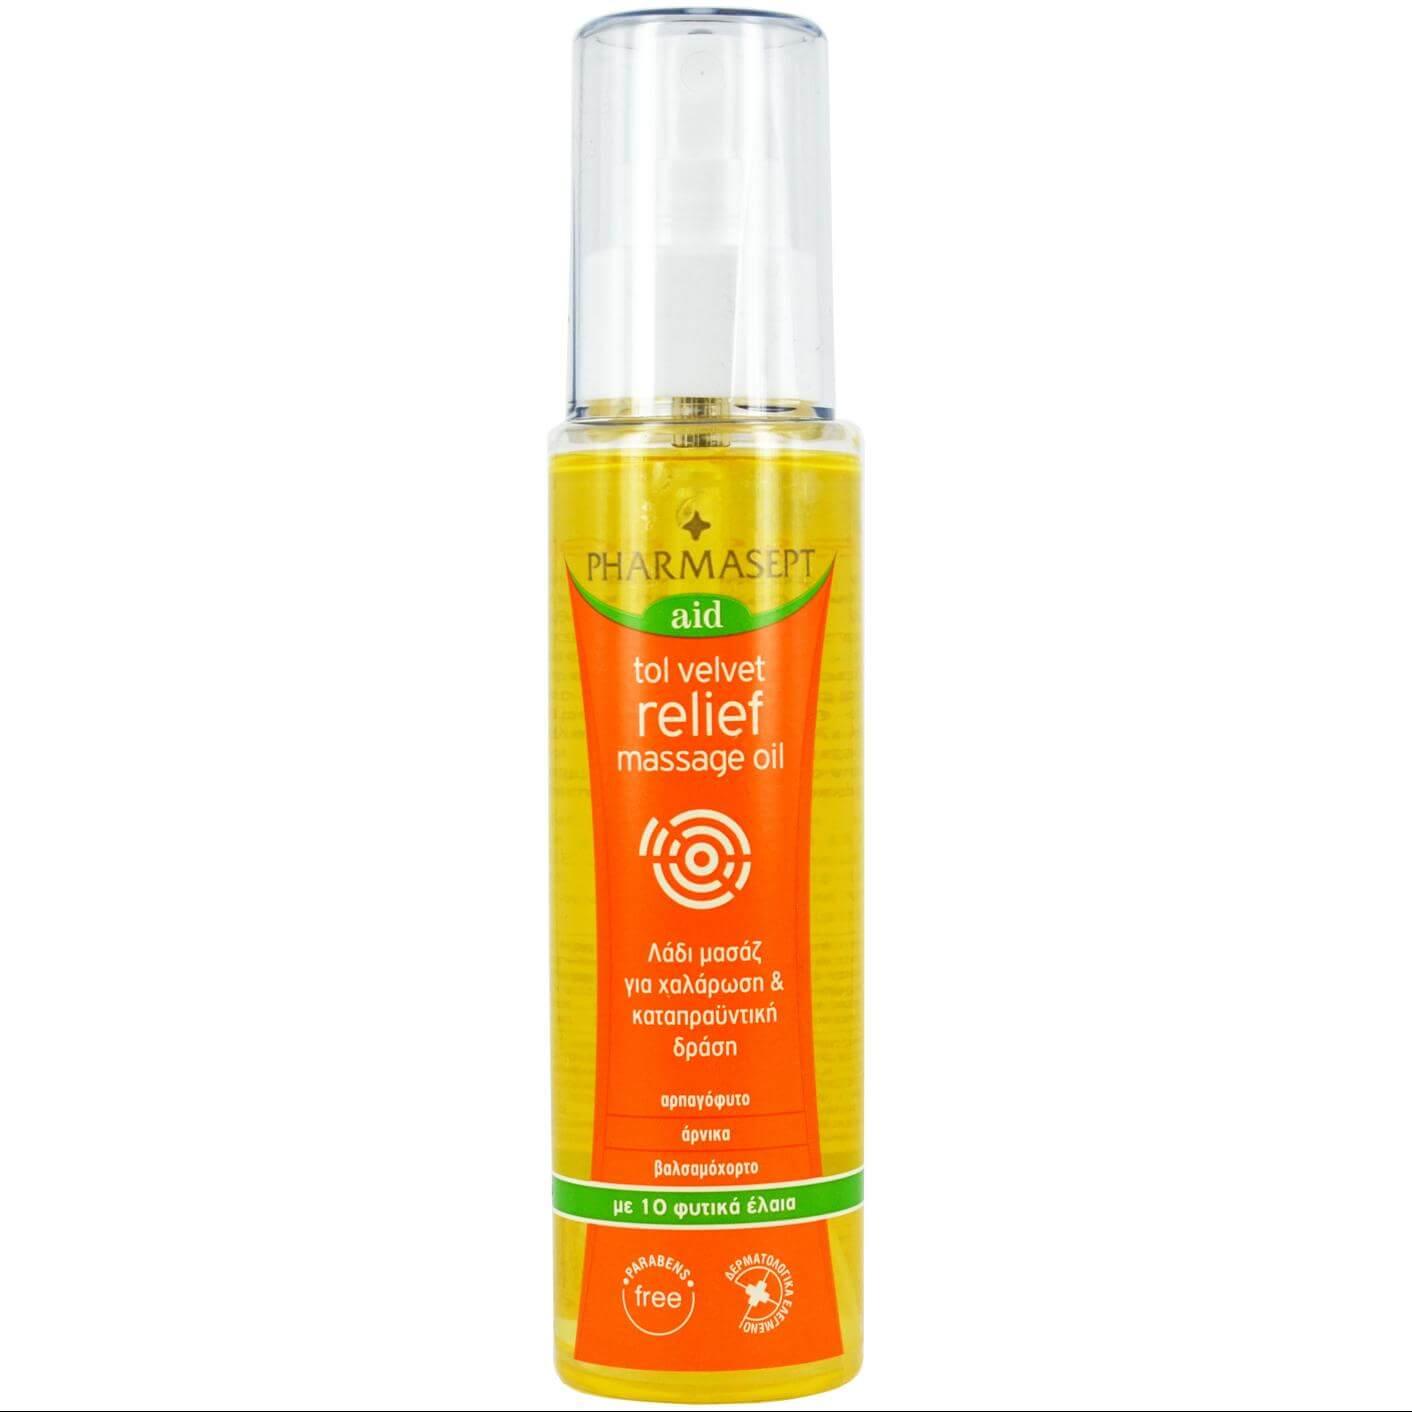 Pharmasept Aid Tol Velvet Relief Massage Oil Λάδι Μασάζ για Χαλάρωση & Καταπράυνση 100ml